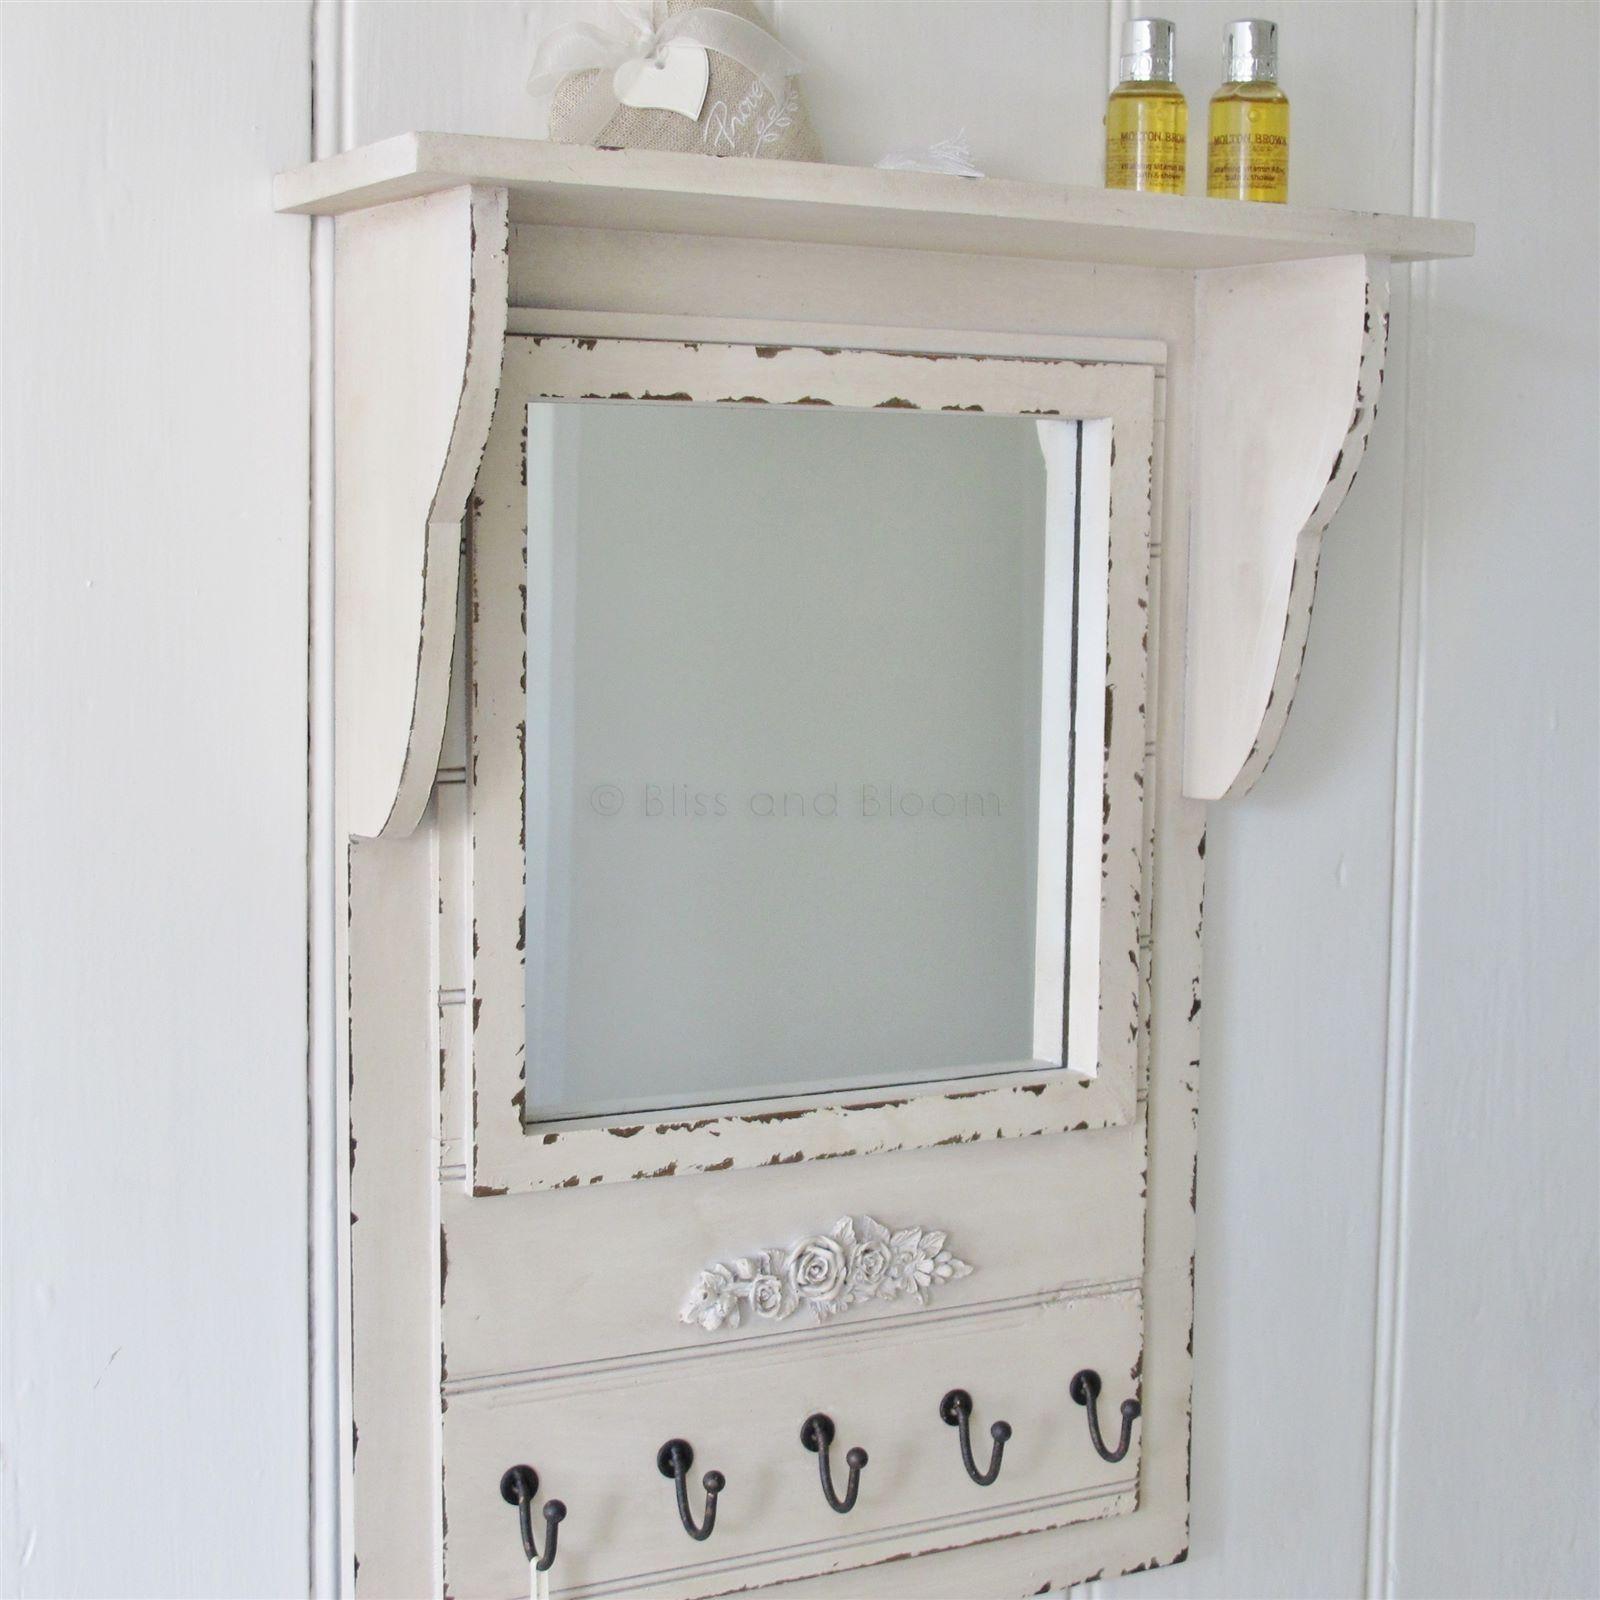 Wall Mirror Shelf Hooks | http://drrw.us | Pinterest | Shelves ...